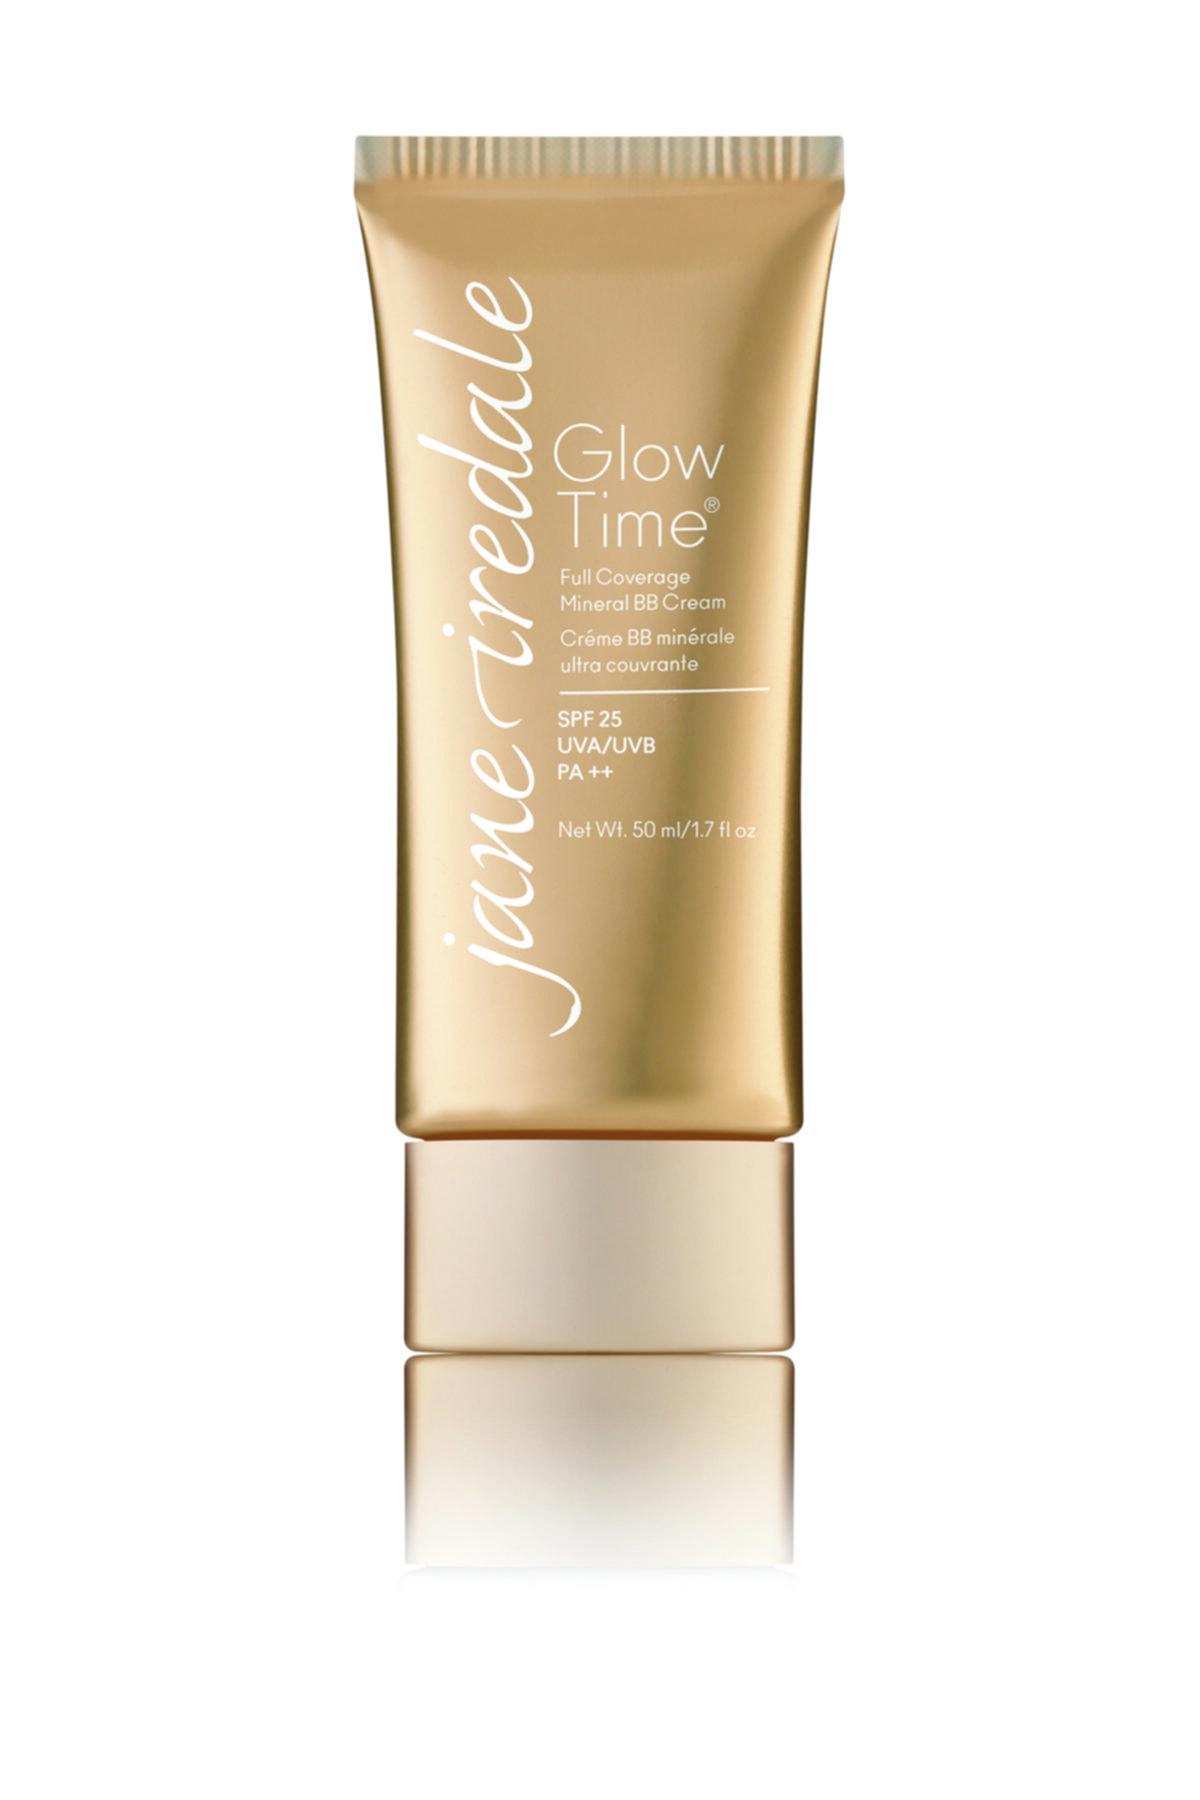 Mineral BB Kapatıcı - Glow Time Full Covarage Mineral BB Cream Spf 25 BB1 50 ml.